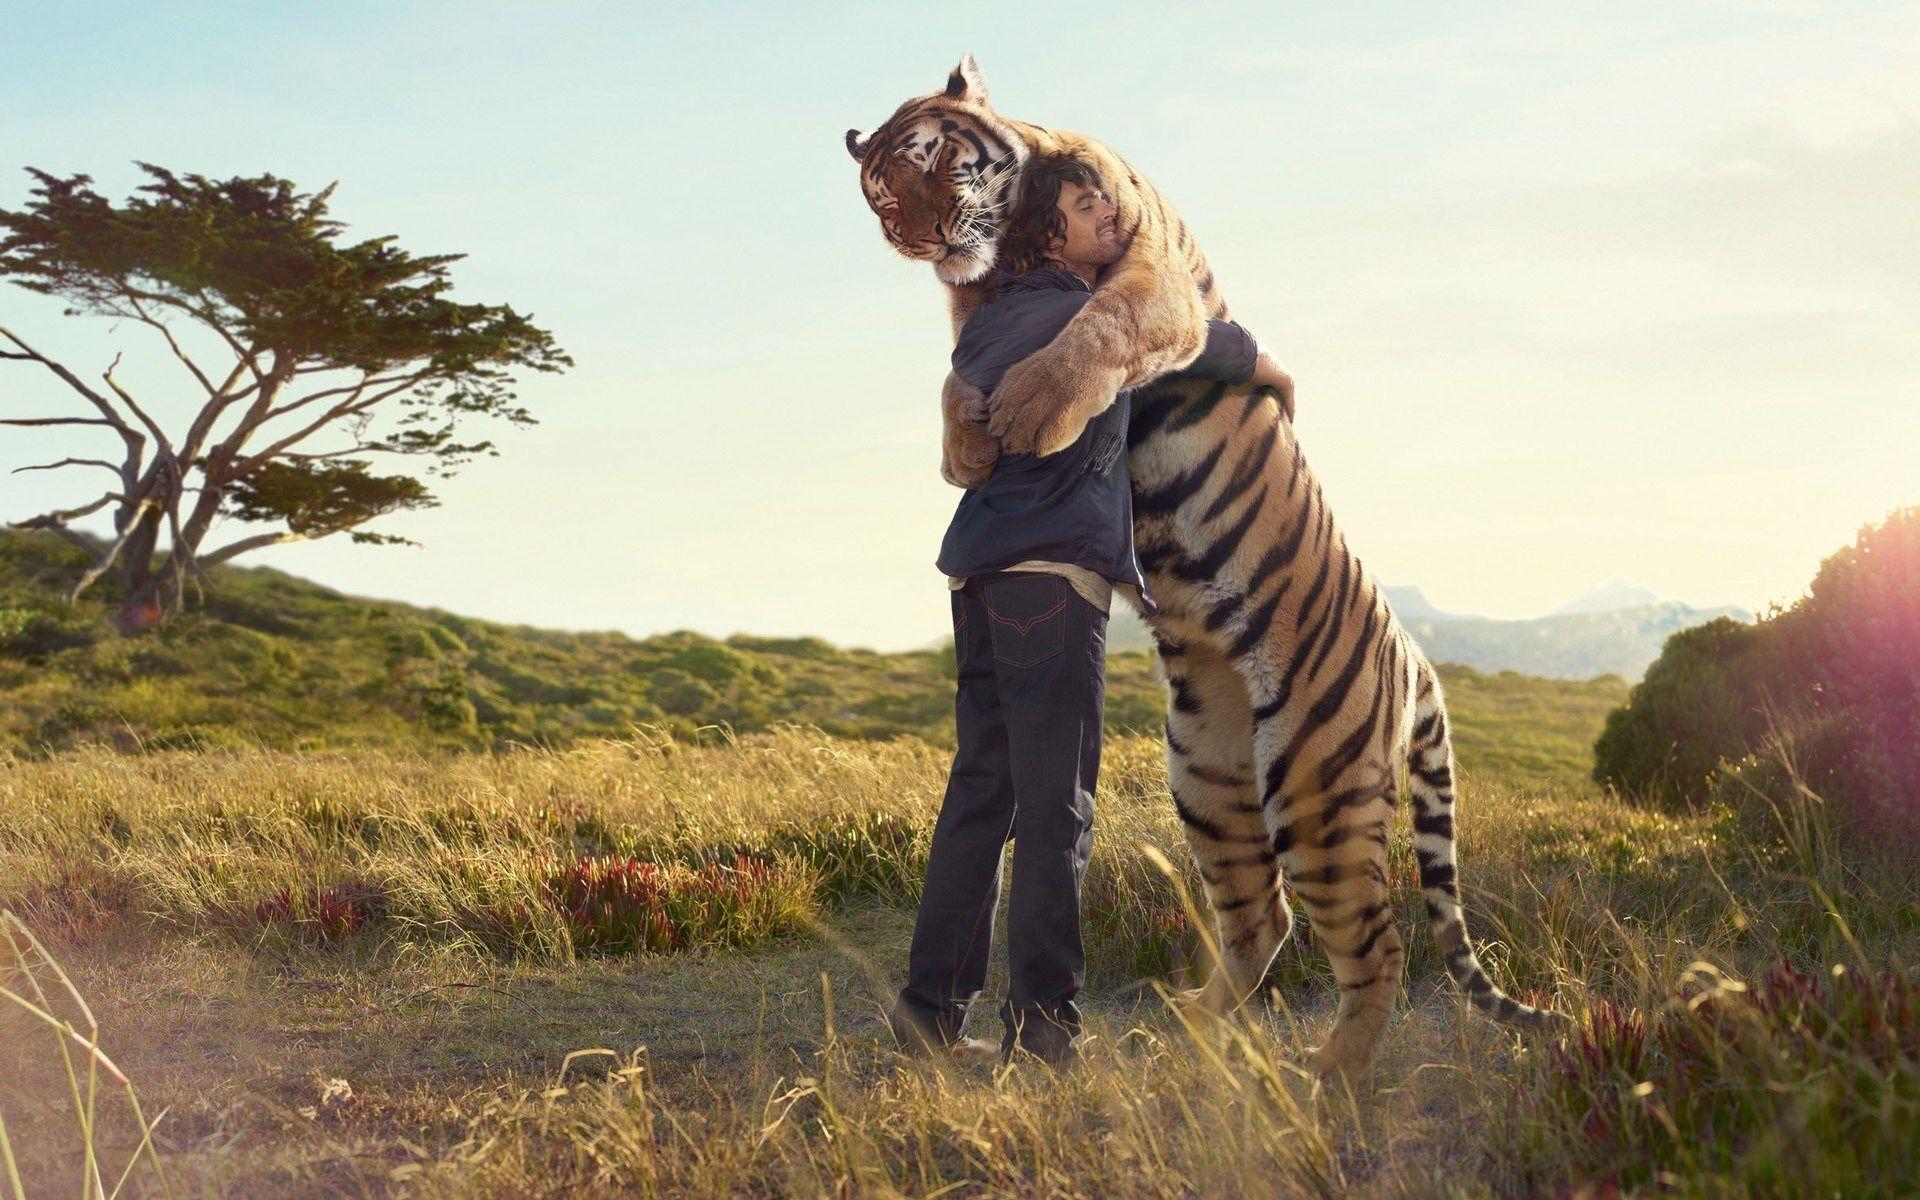 tiger hug HD Wallpaper